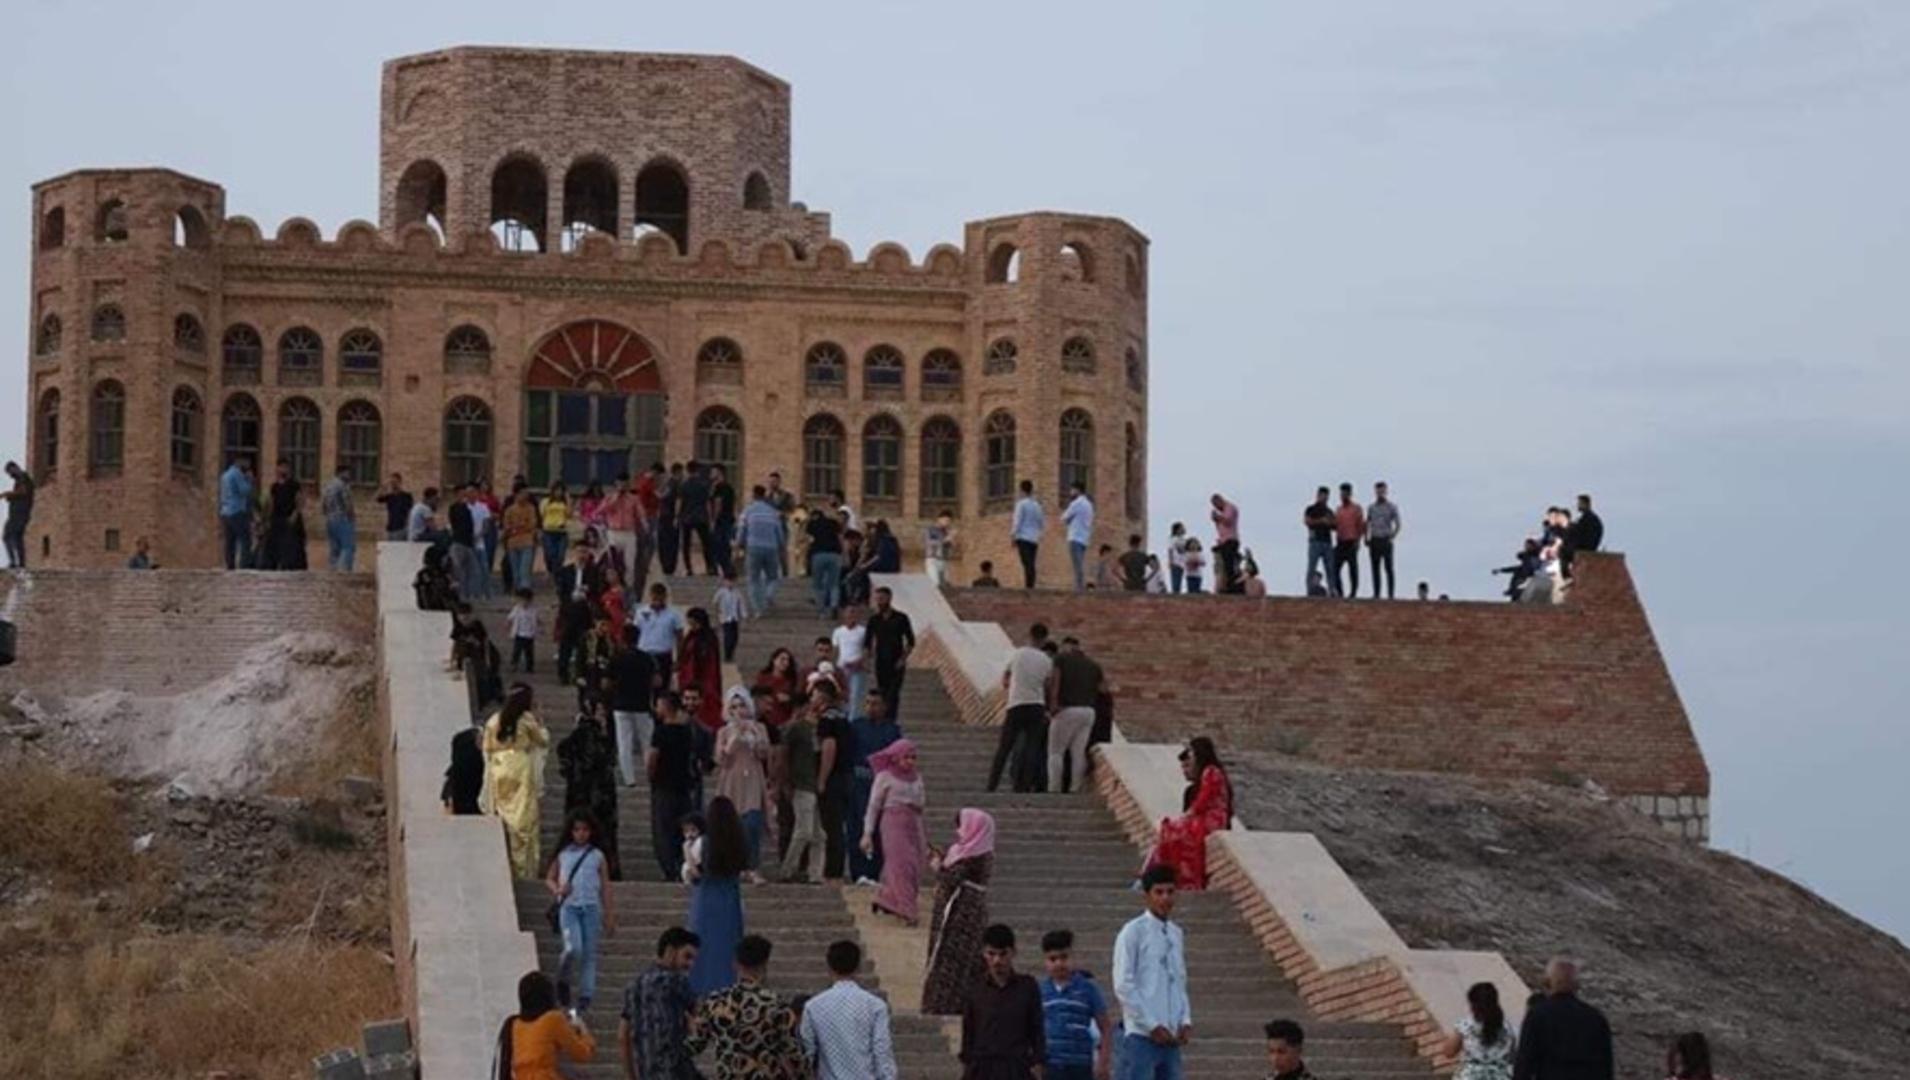 هيئة السياحة في كردستان تنفي فرض رسوم على السياح القادمين من محافظات عراقية